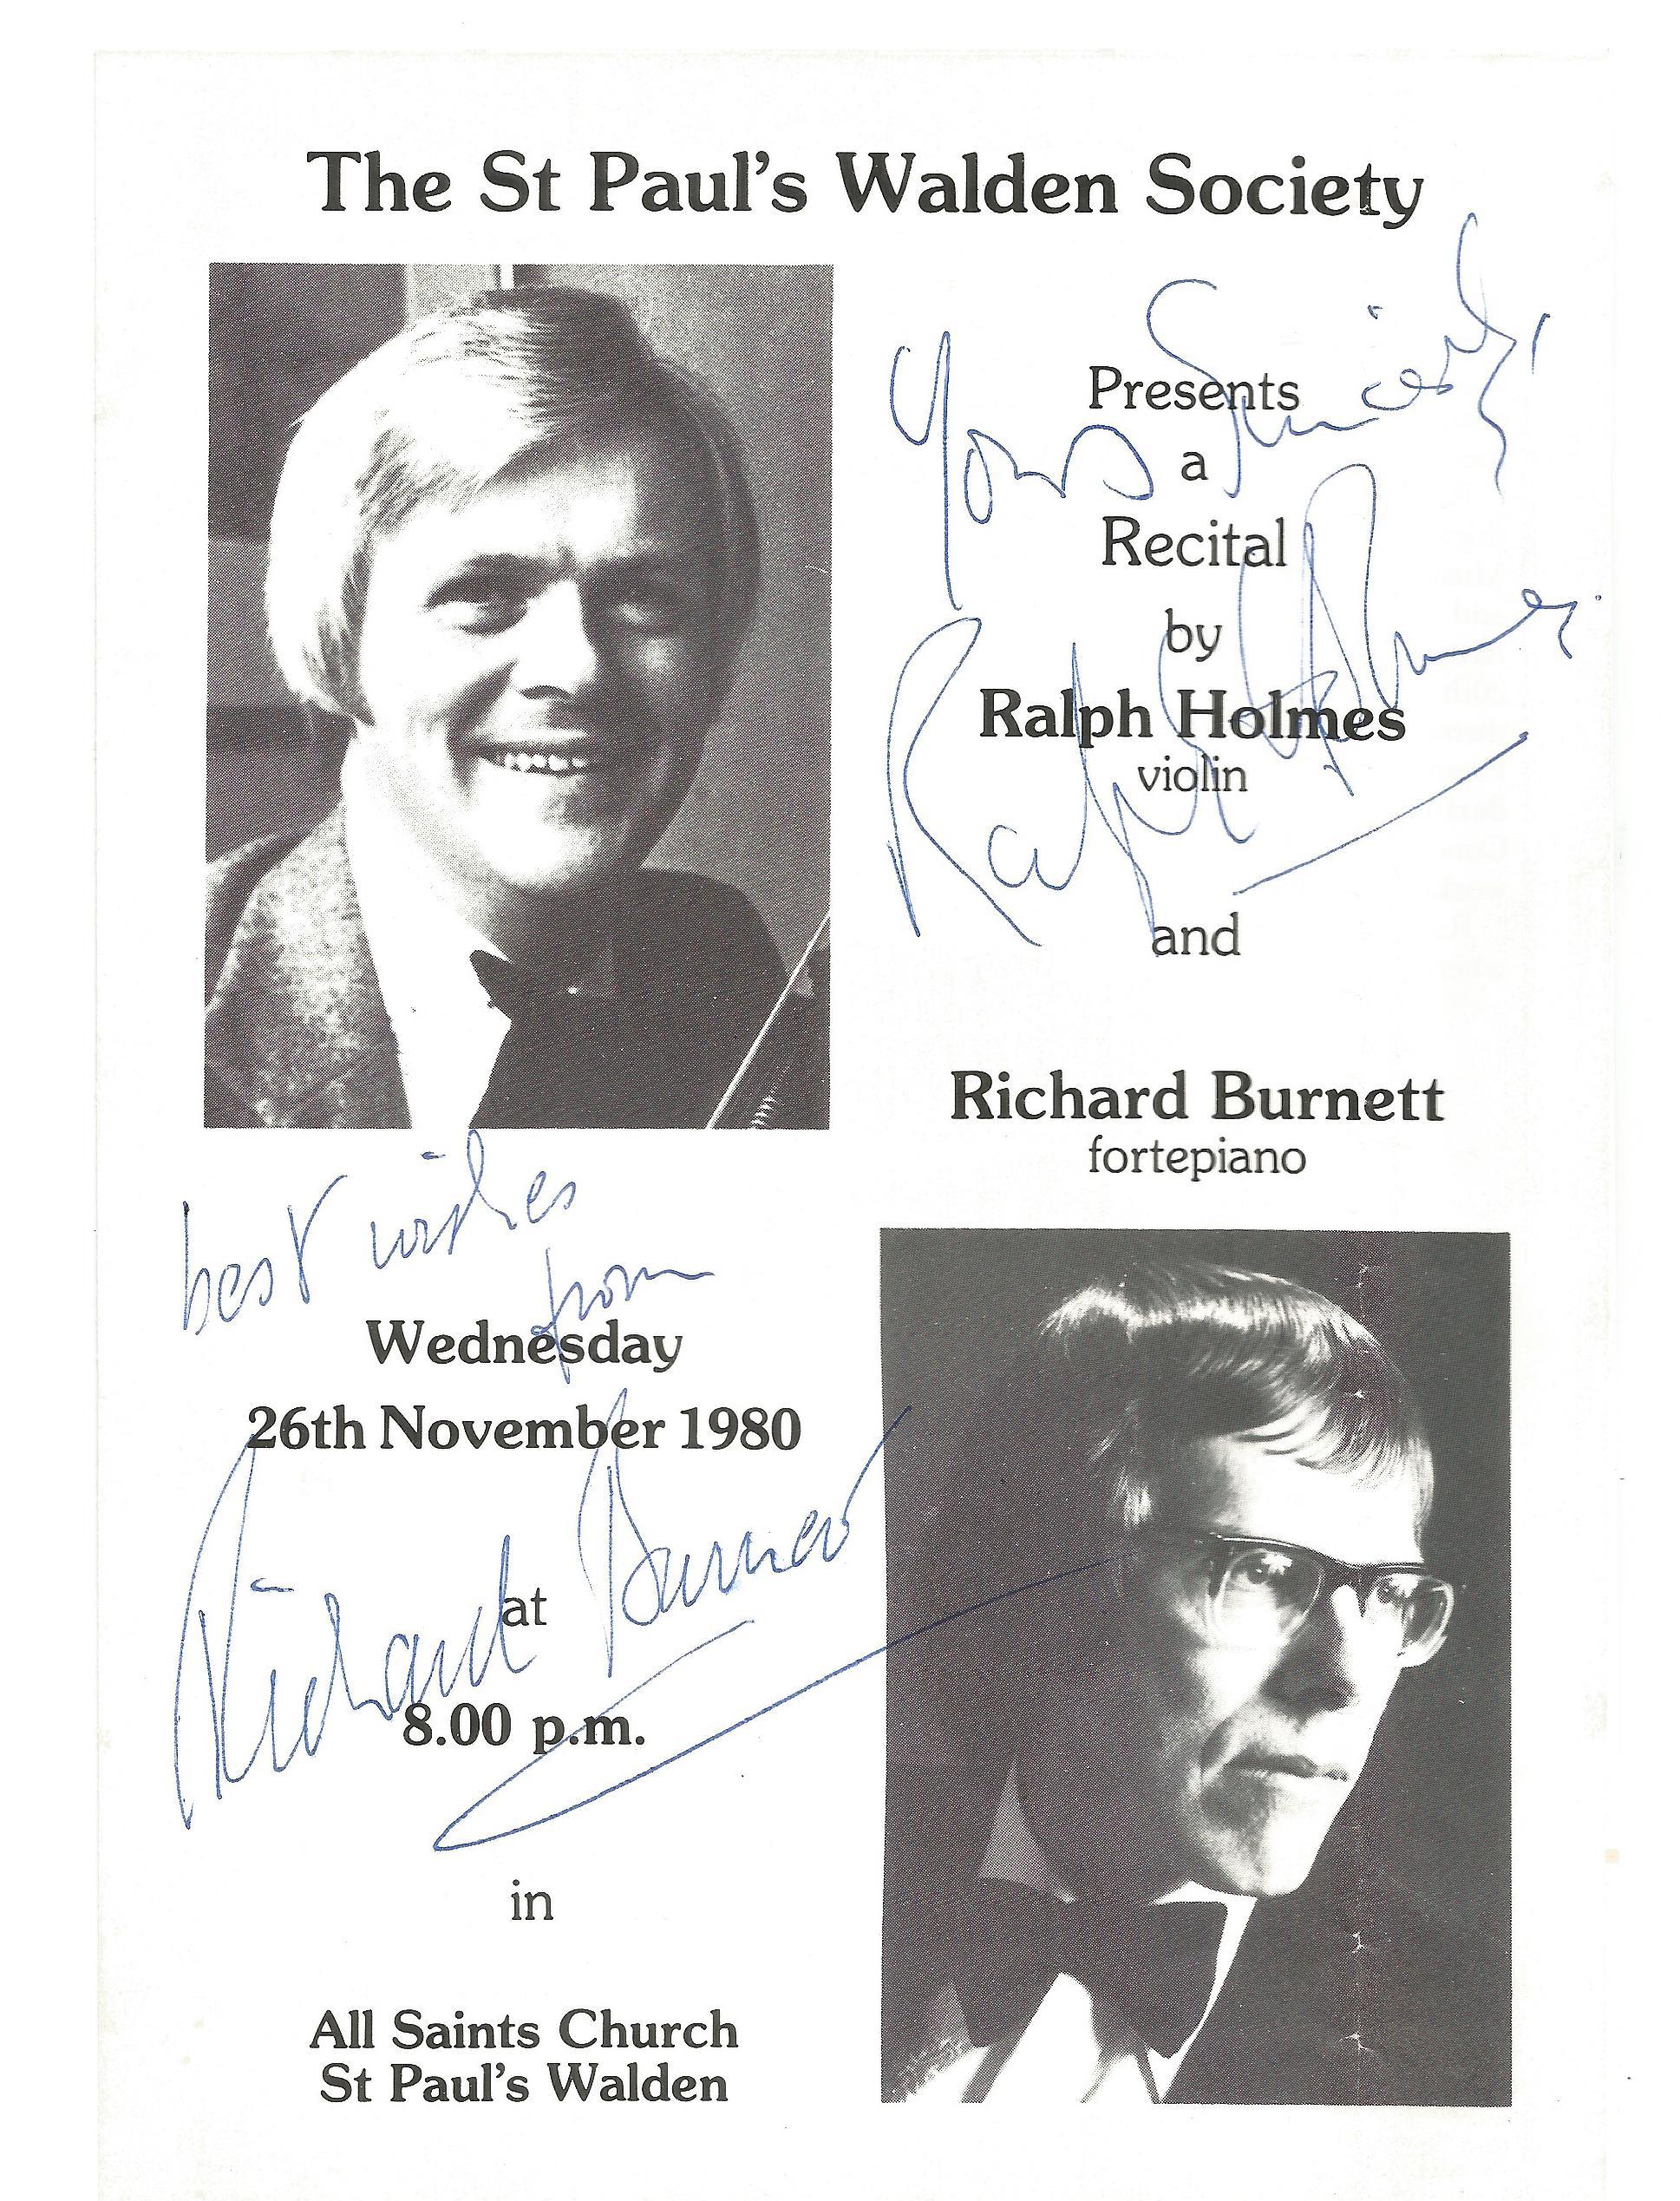 Ralph Holmes Richard Burnett signed black & white programme for The St Paul's Walden Society Recital